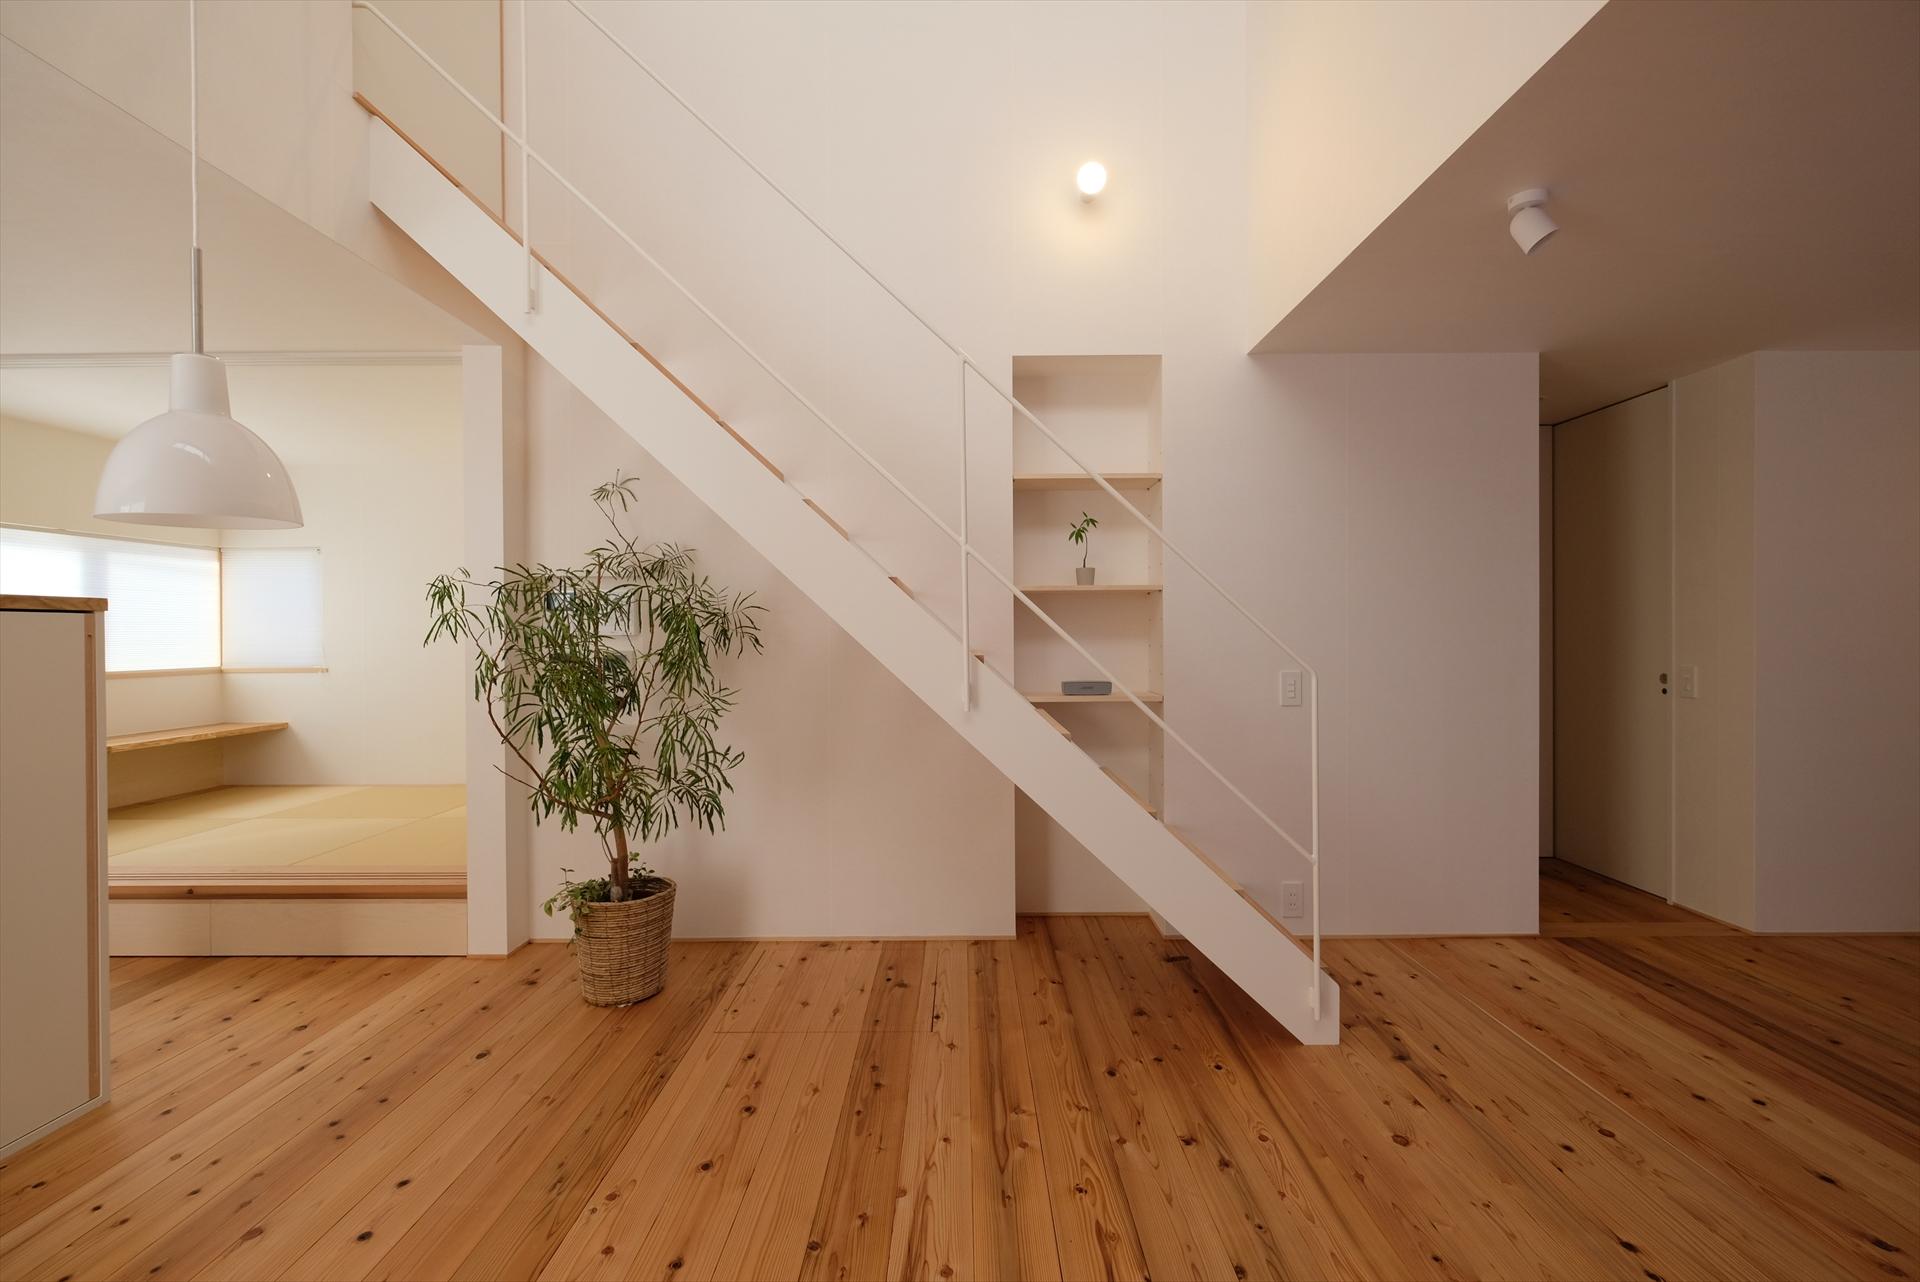 裾野の家 階段/Mアトリエ